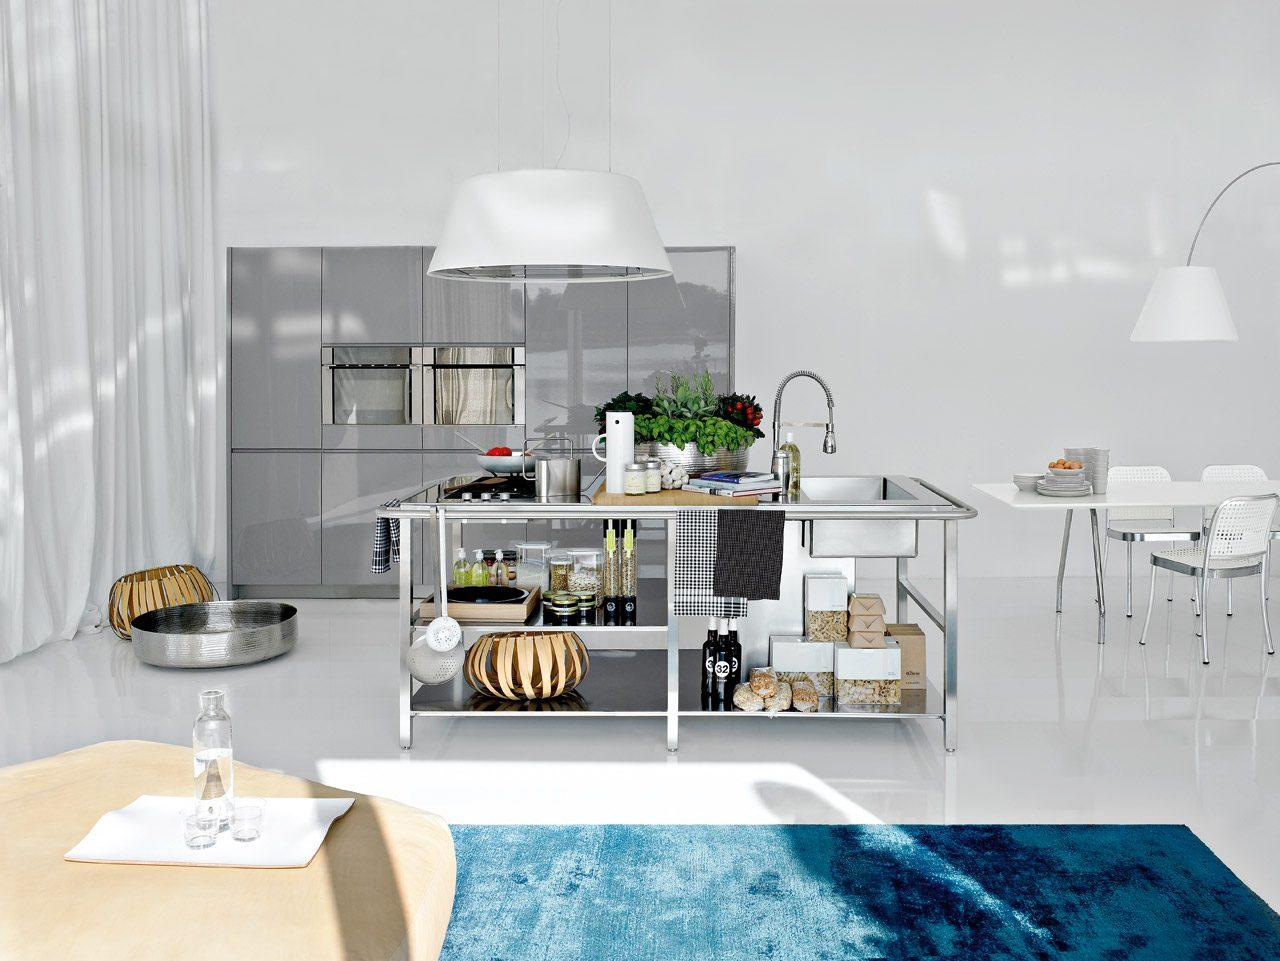 Colores para una cocina moderna de acero inoxidable - Muebles de cocina de acero inoxidable ...